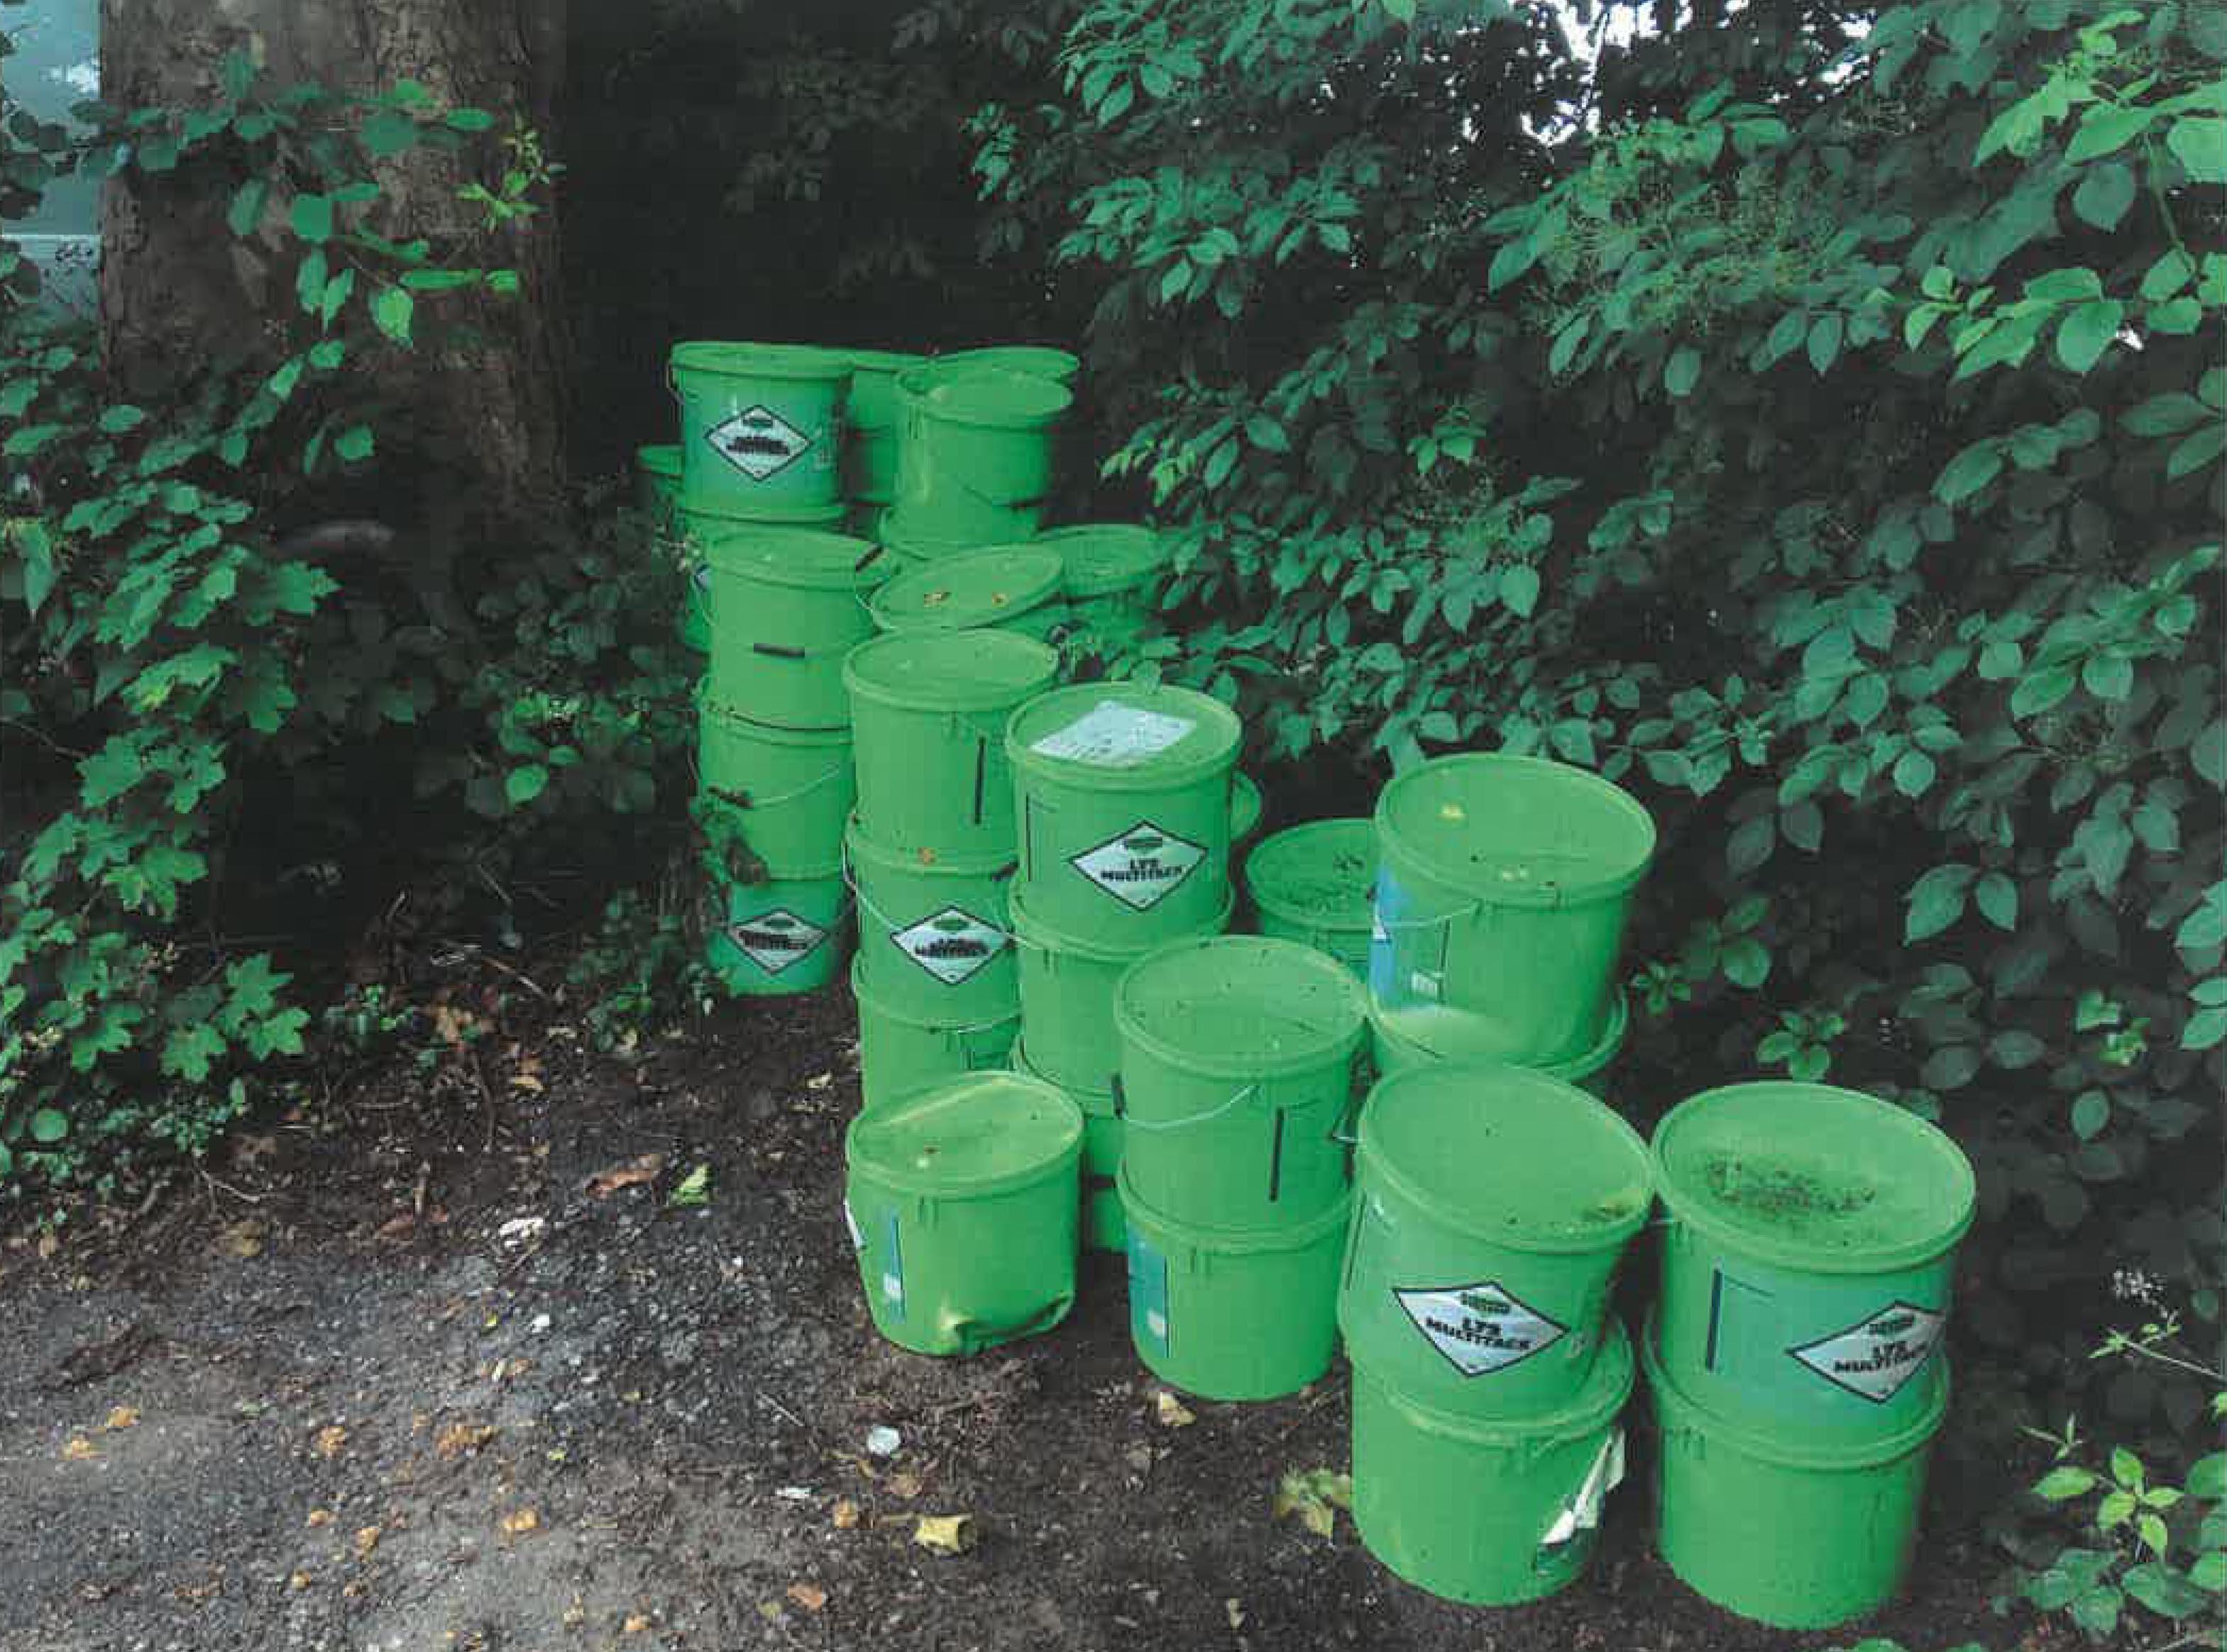 Polizei Düsseldorf sucht Umweltverschmutzer (Foto: Polizei Düsseldorf)